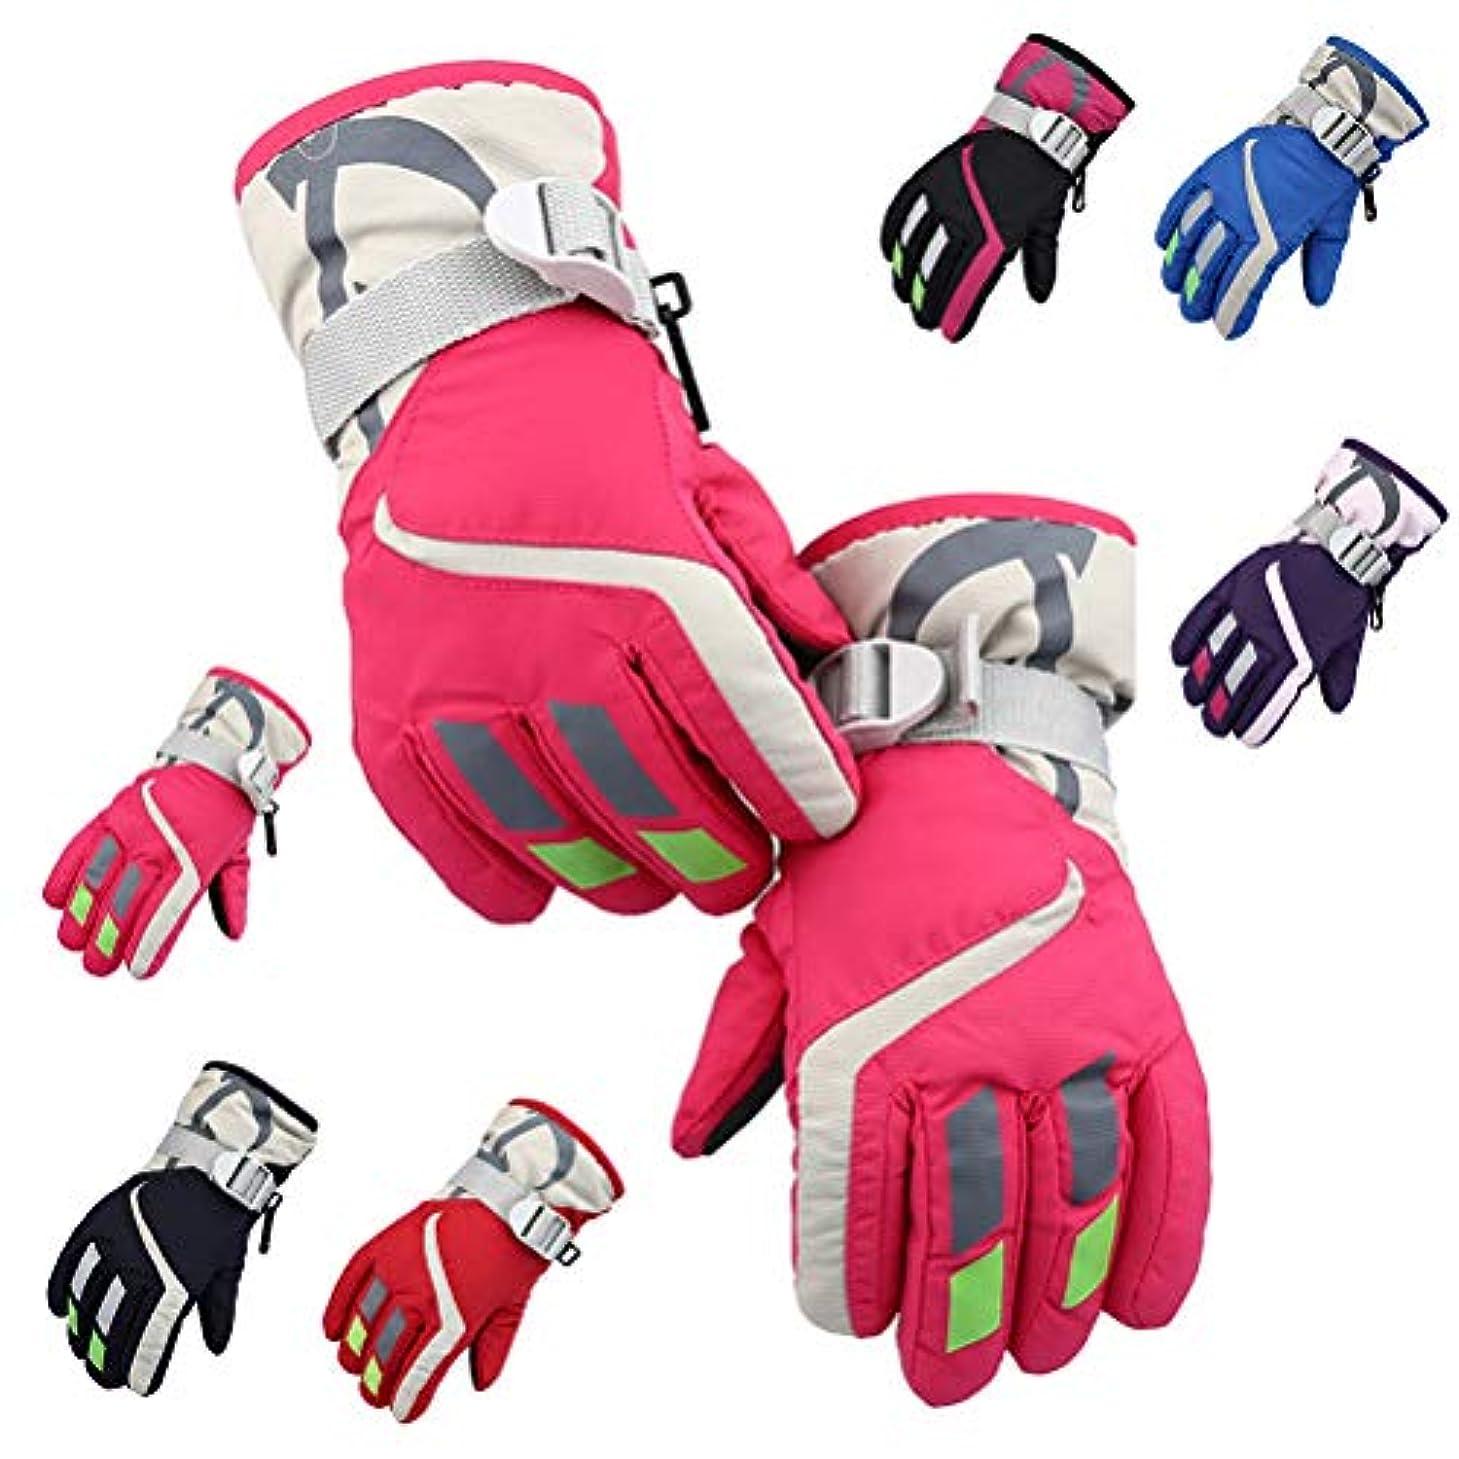 タフ性別でるBlight スポーツグローブ子供用スキー手袋冬は、暖かい手袋調節可能な耐寒性手袋厚く防寒グローブ 保温 冬 厚手 革 防寒